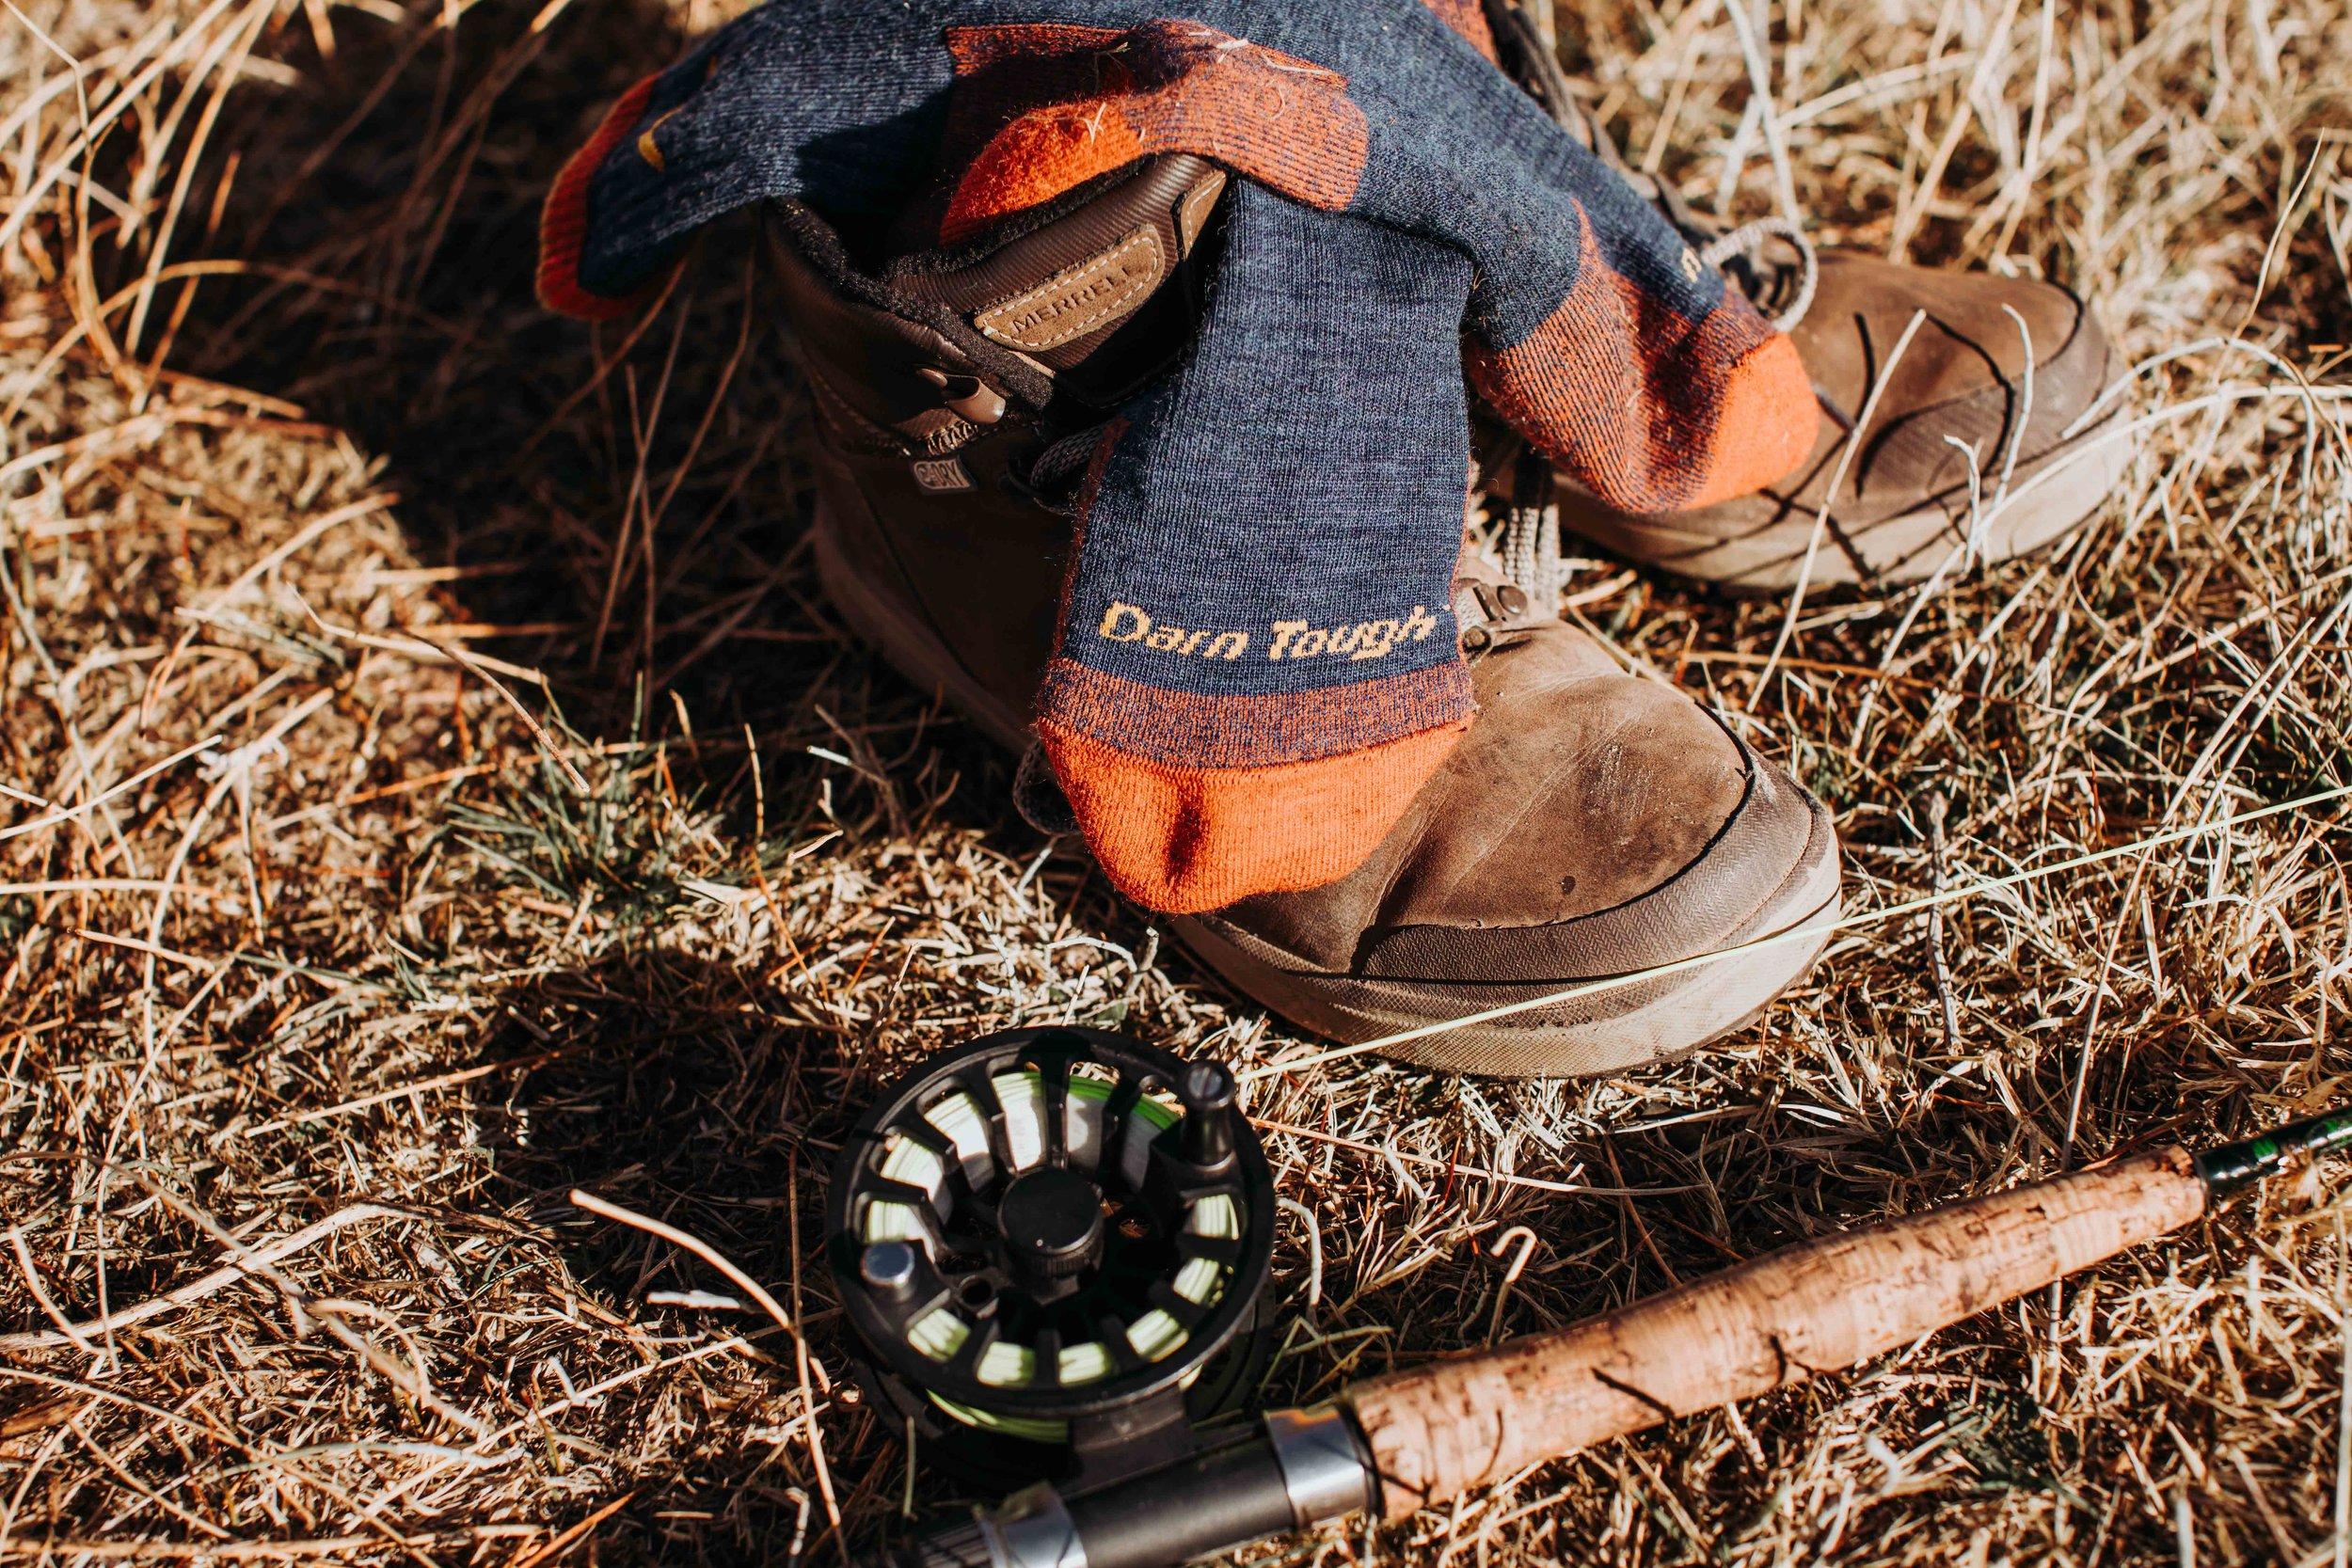 DB_DT_sierra_outdoors-5445.jpg